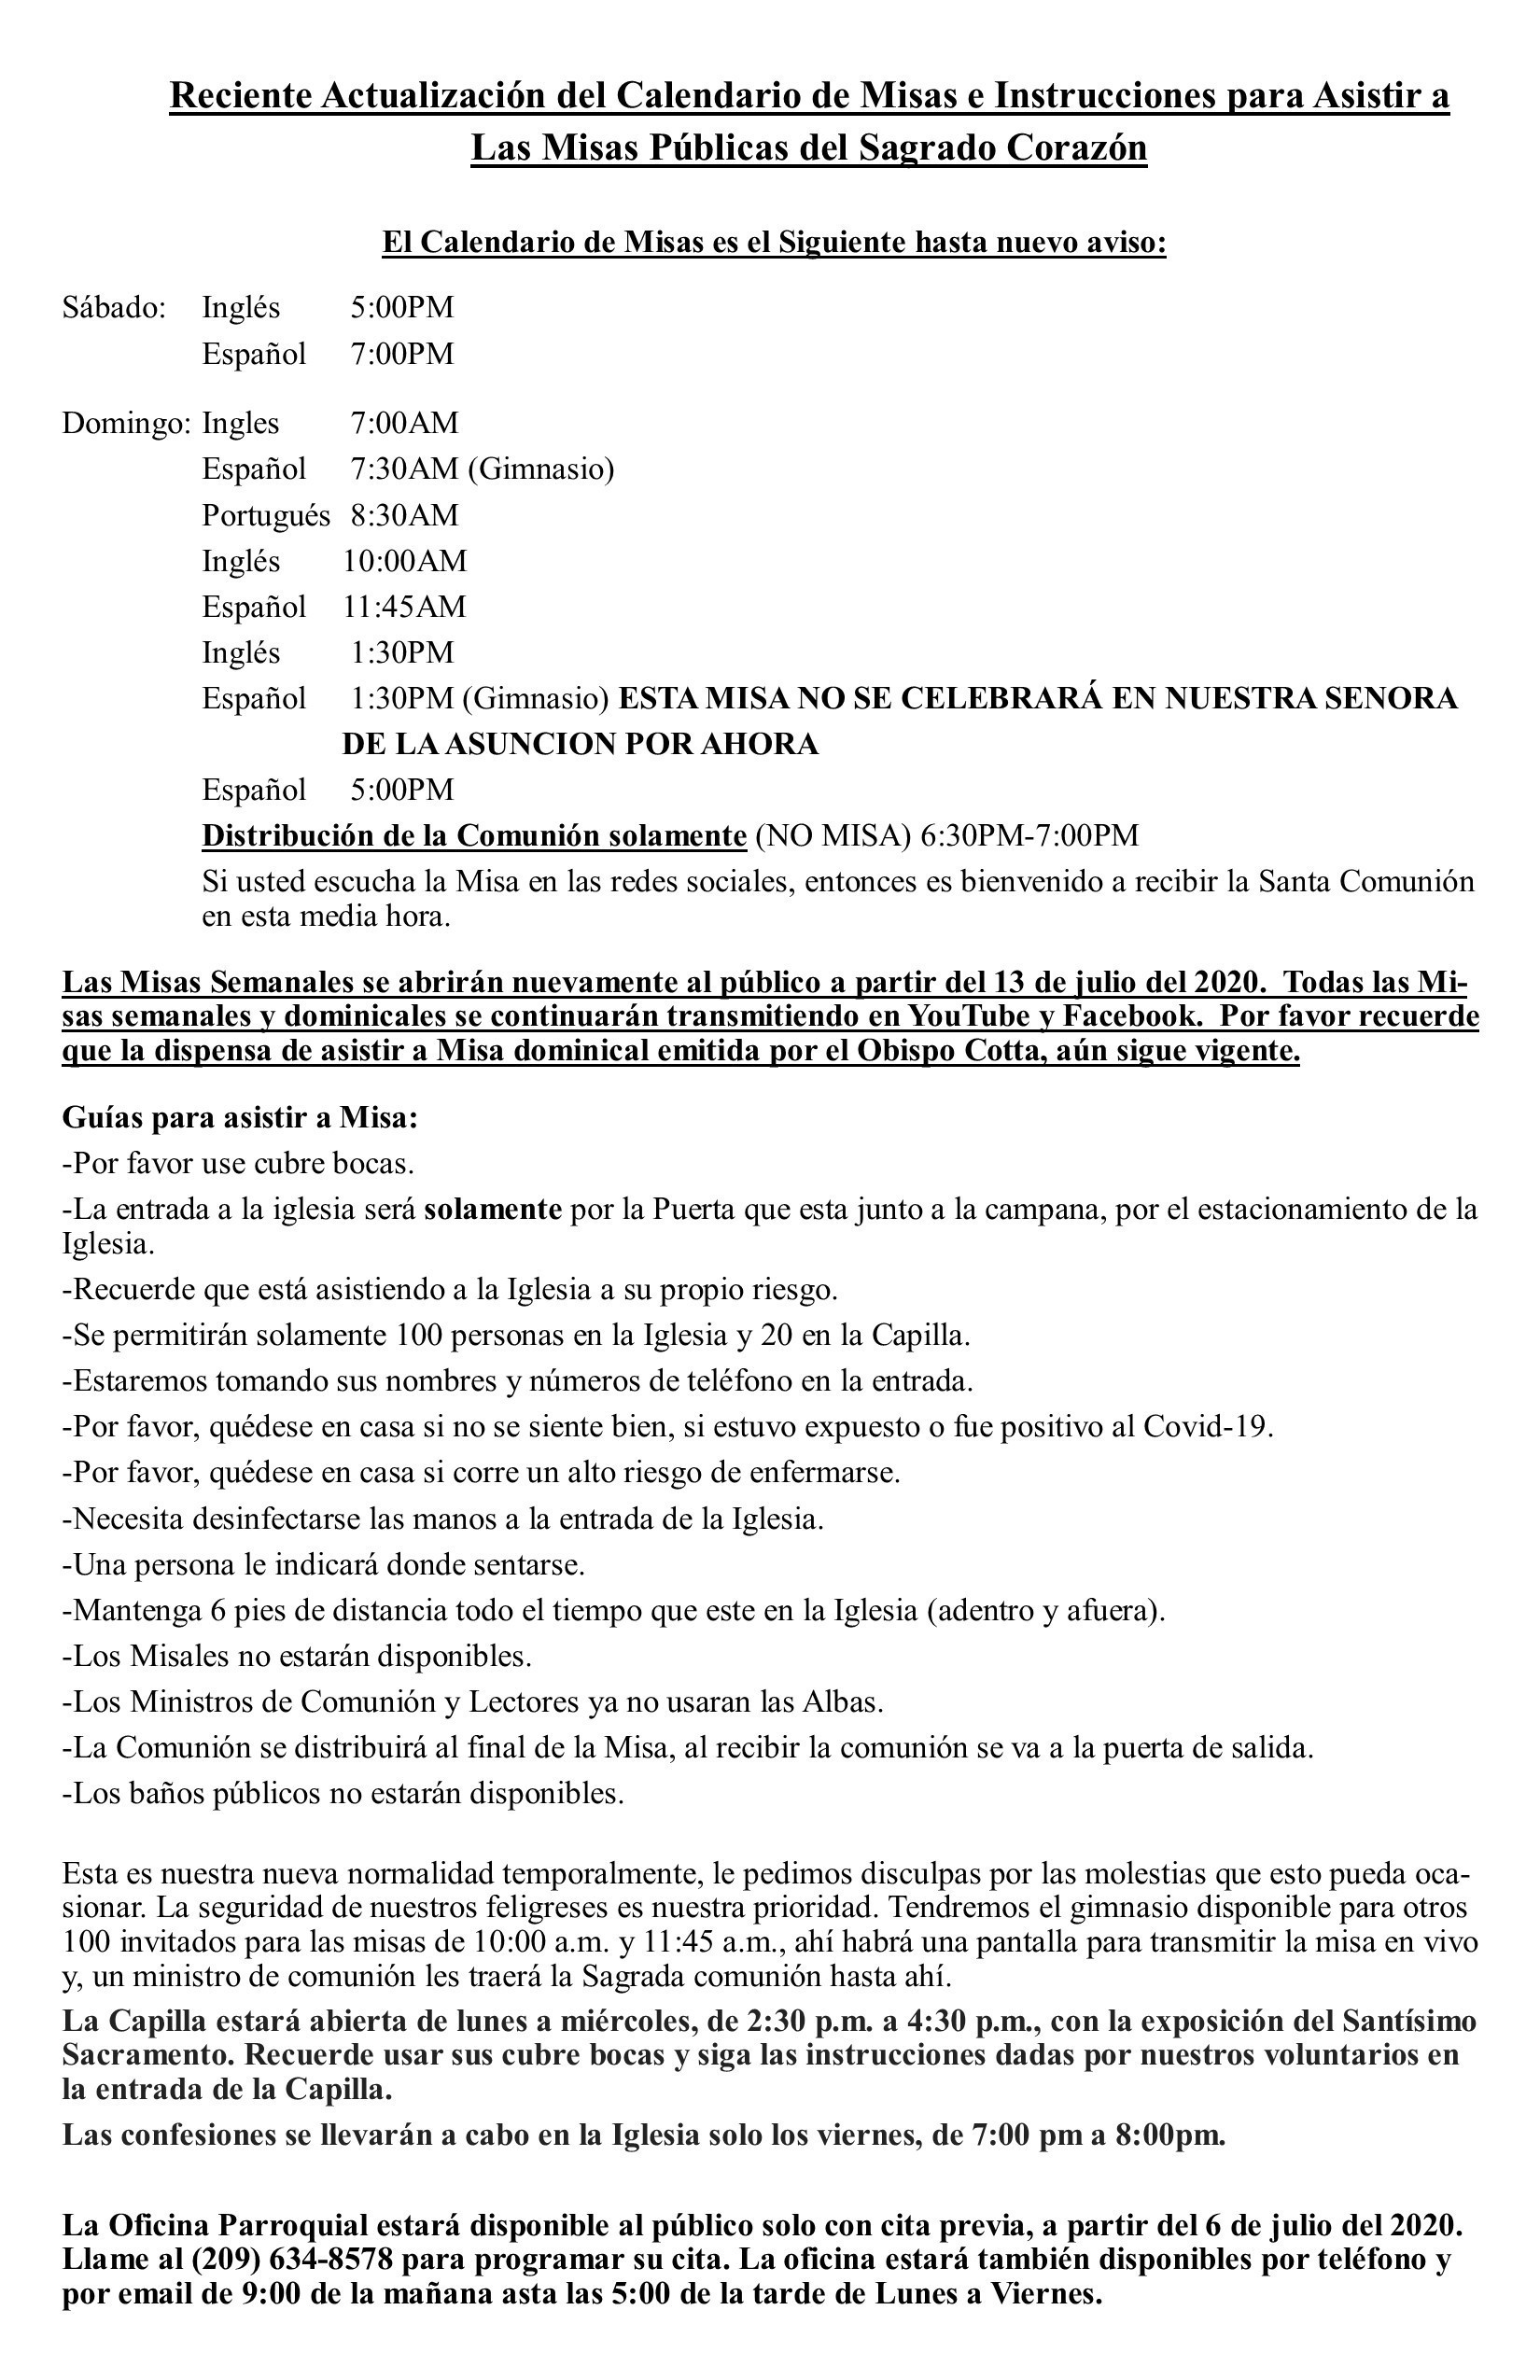 Public Mass Celebration Spanish 1 updated